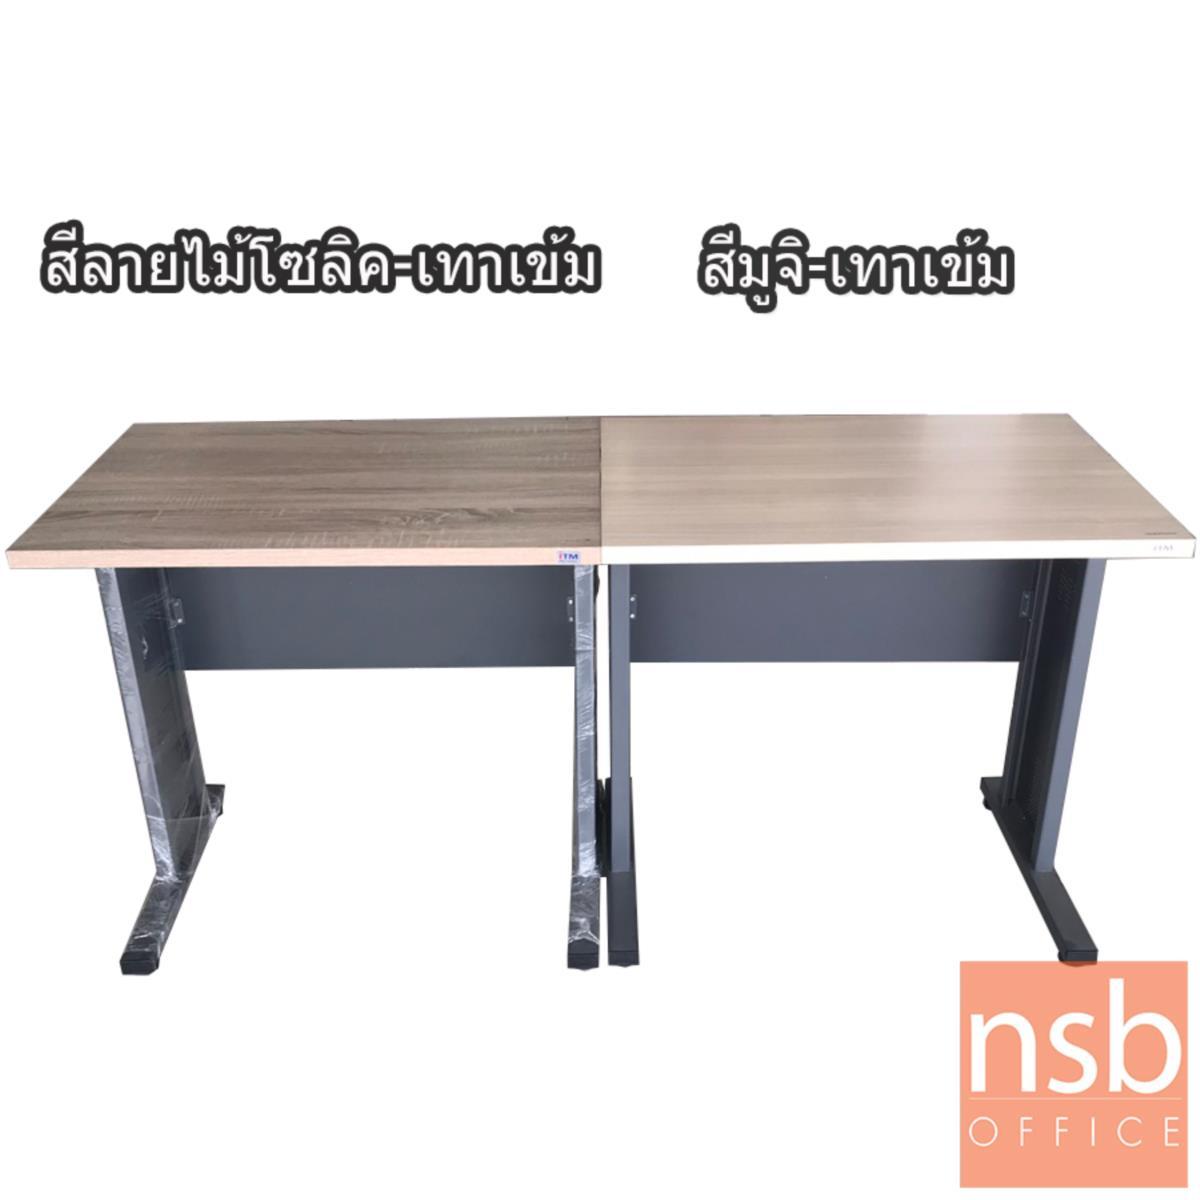 โต๊ะทำงาน 2 ลิ้นชัก  รุ่น Symbiote (ซิมไบโอต) ขนาด 120W cm. ขาเหล็ก  สีโซลิคตัดเทาเข้มหรือสีมูจิตัดเทาเข้ม